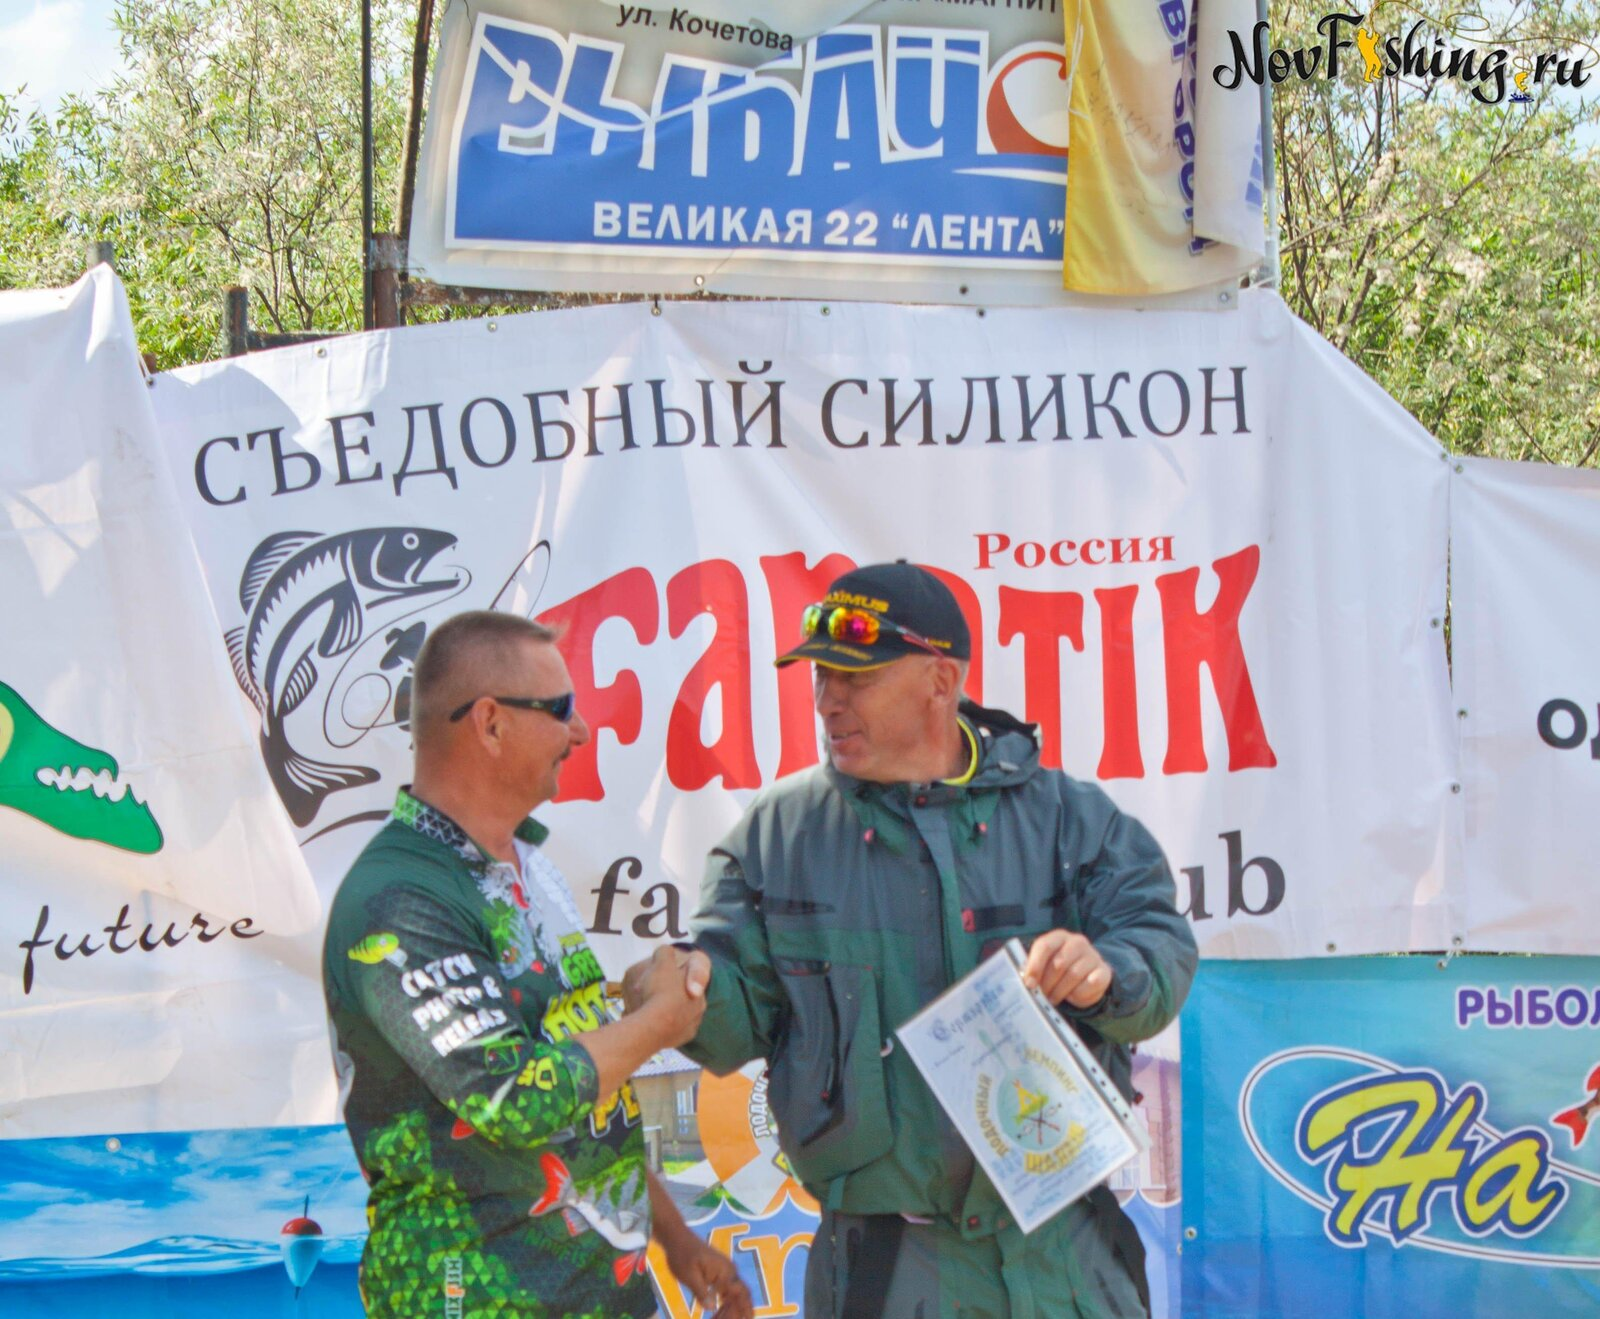 Порыбалки (123 of 1).jpg